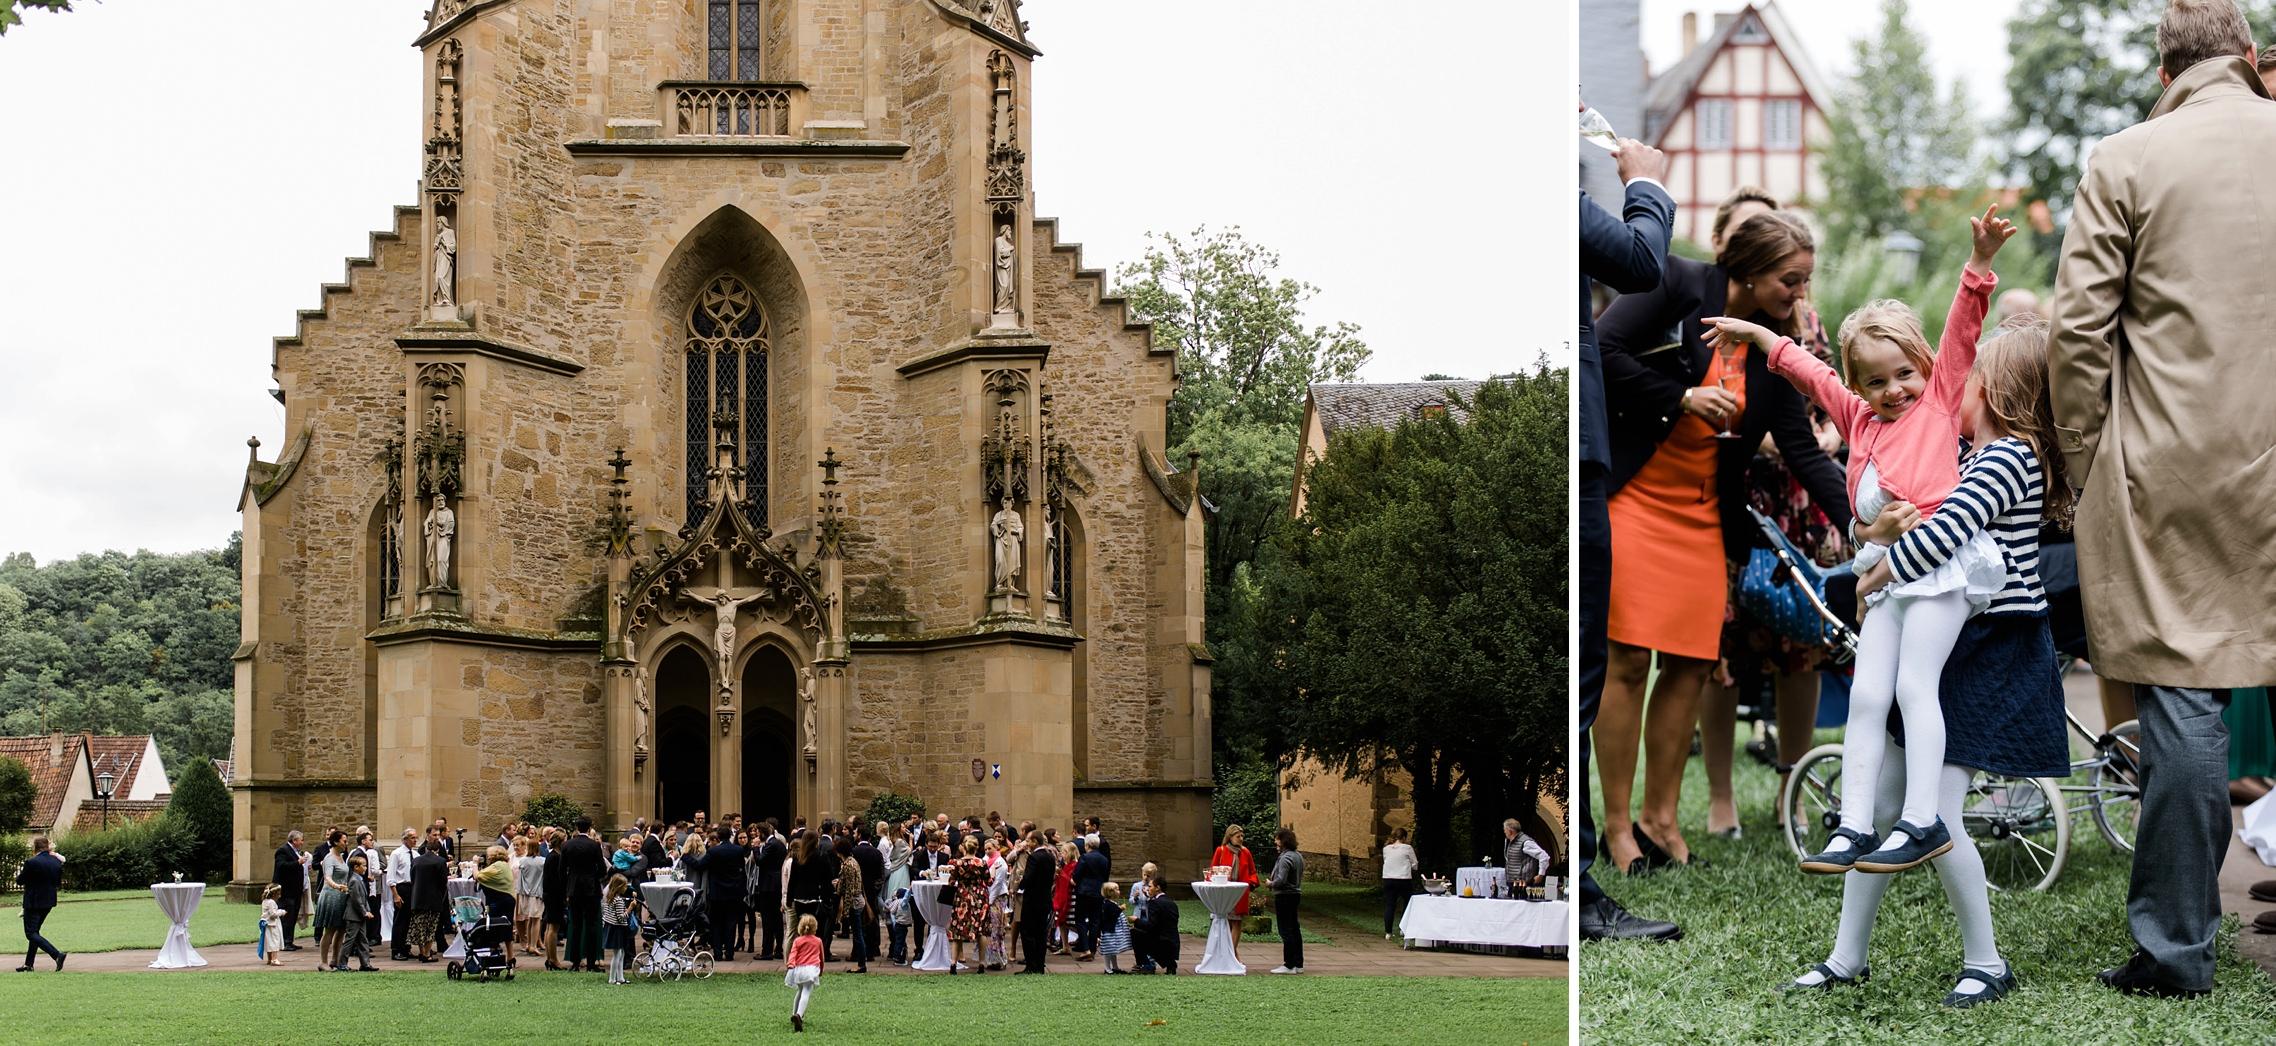 Kinder spielen vor der Schlosskirche in Meisenheim, während die erwachsenen Gäste dem Hochzeitspaar gratulieren.